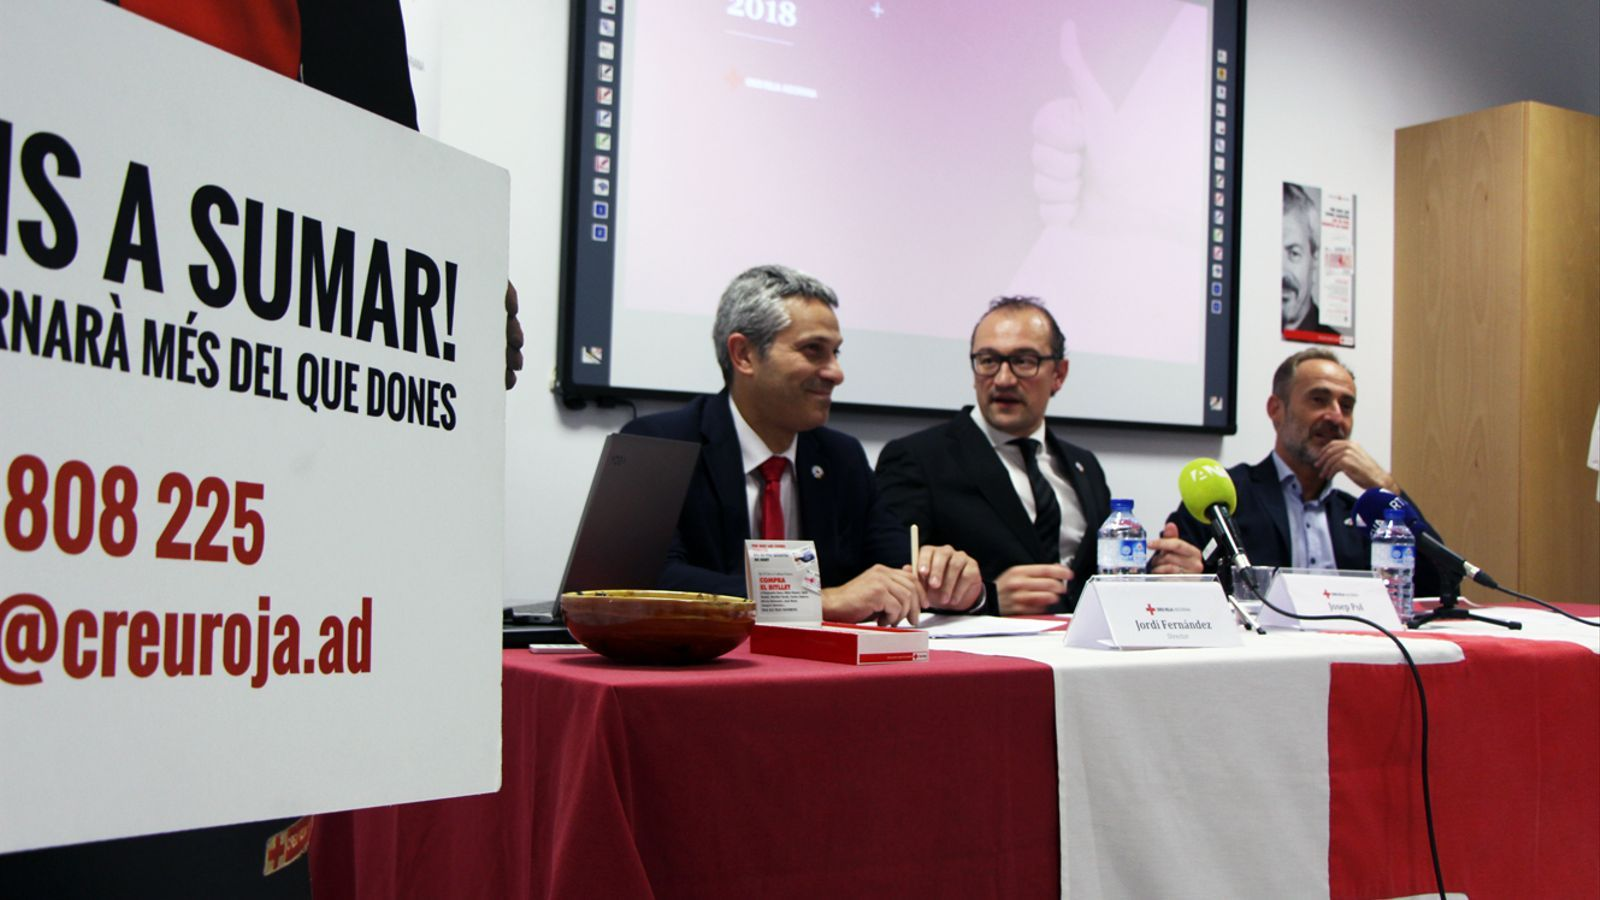 El director de Creu Roja Andorrana, Jordi Fernández, el president Josep Pol, i el vicepresident David Fraissinet, durant la presentació de la memòria del 2018 de l'organització. / T. N. (ANA)